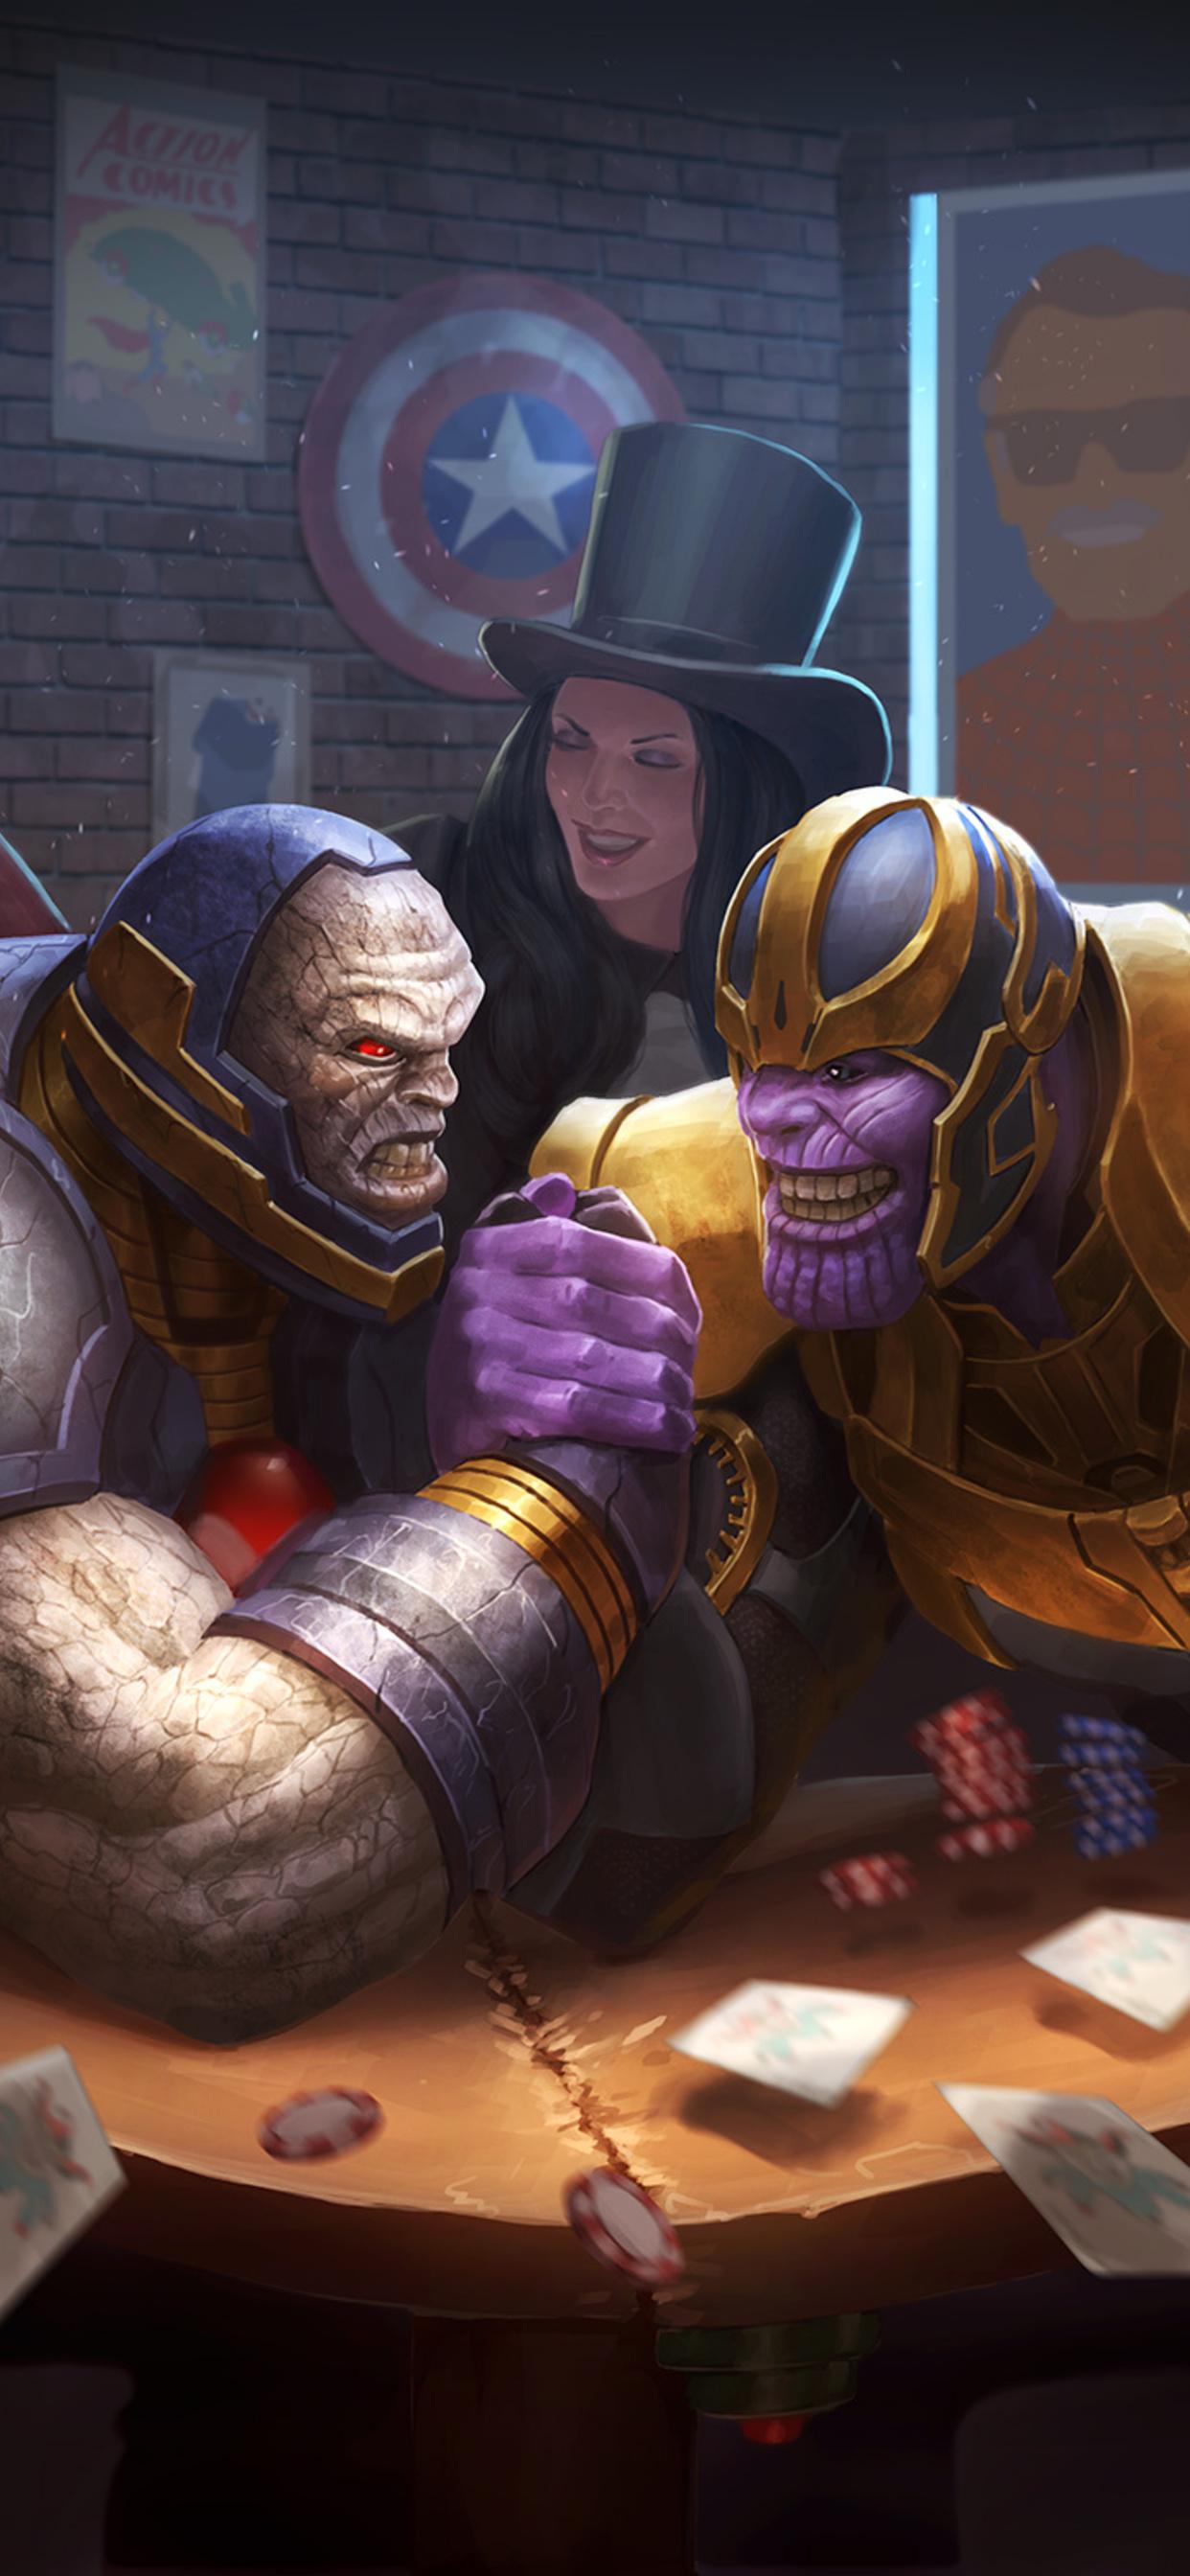 darkseid-vs-thanos-artwork-nk.jpg